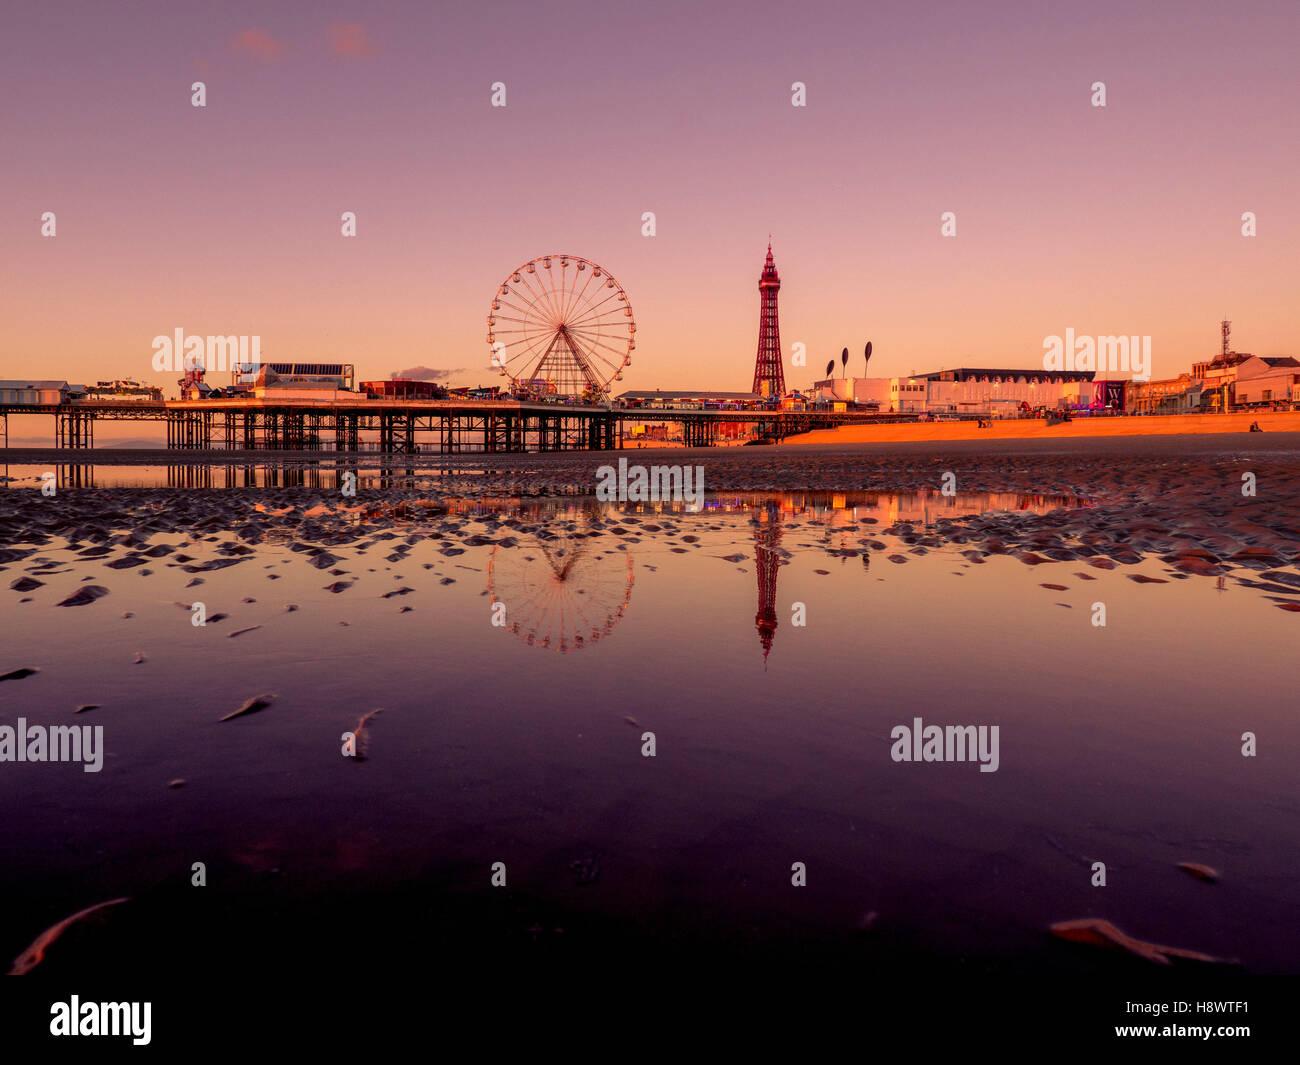 La torre de Blackpool y Central Pier con reflejo en el agua en la playa al anochecer, Lancashire, Reino Unido. Foto de stock